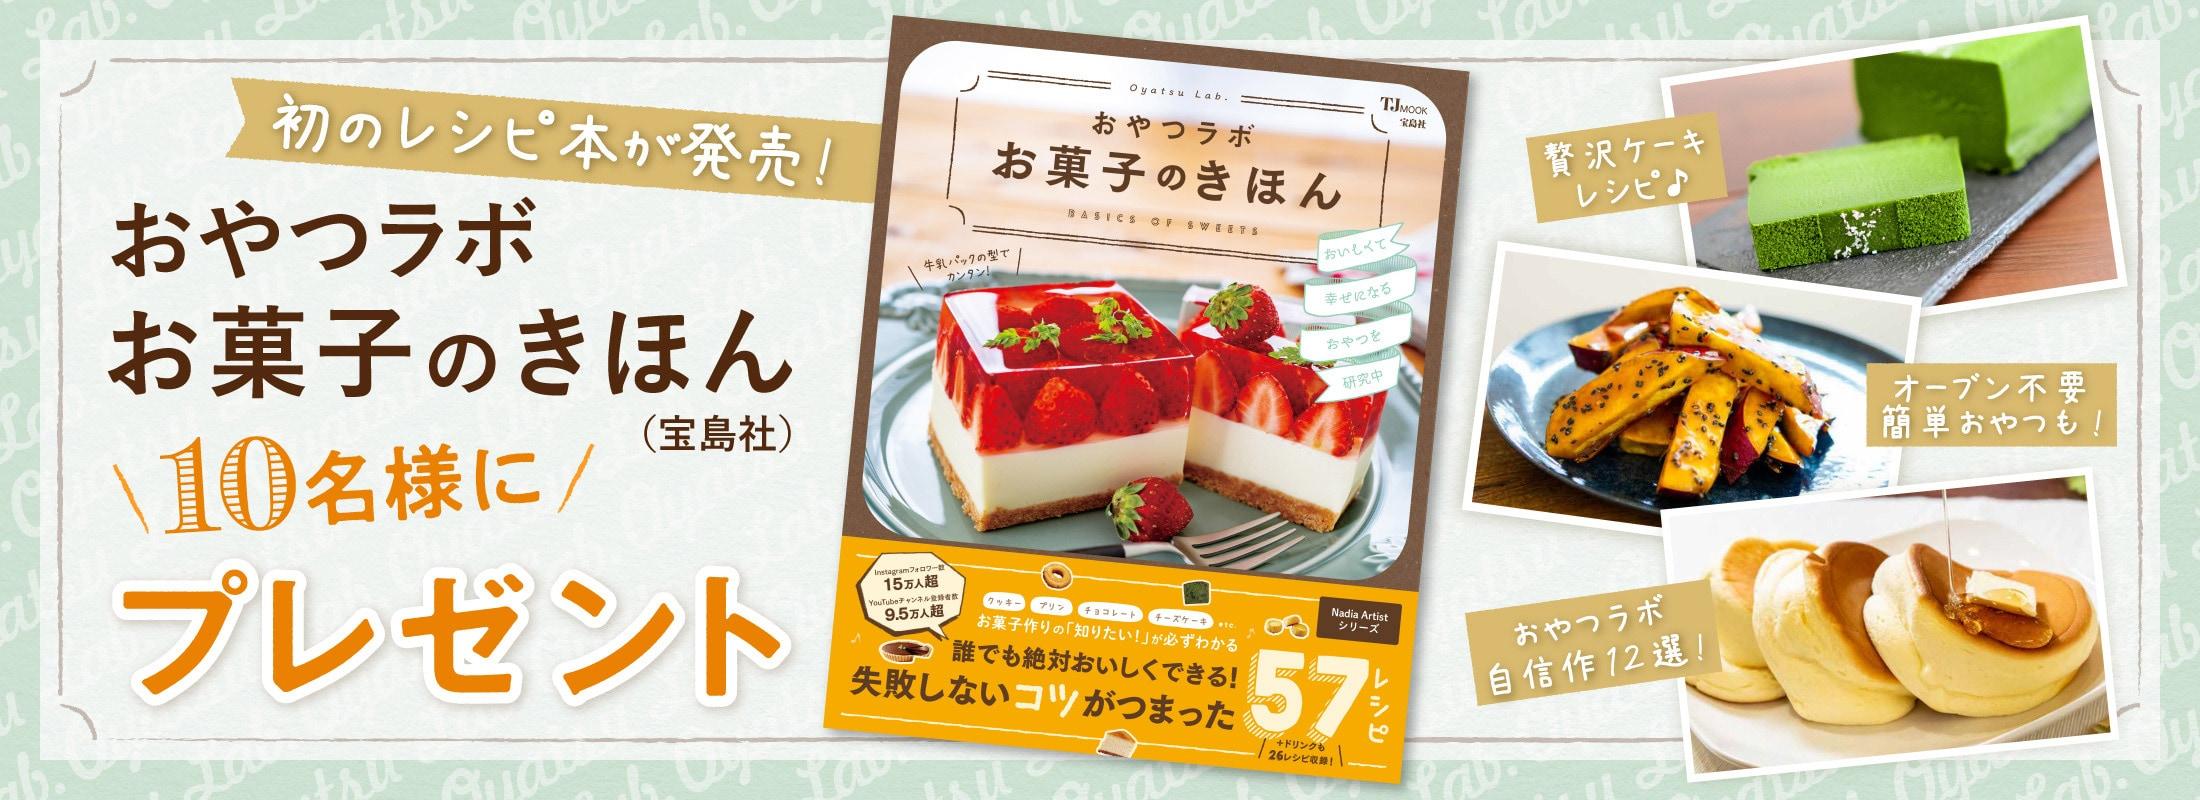 初のレシピ本が発売!『おやつラボ お菓子のきほん』(宝島社)を10名様にプレゼント!